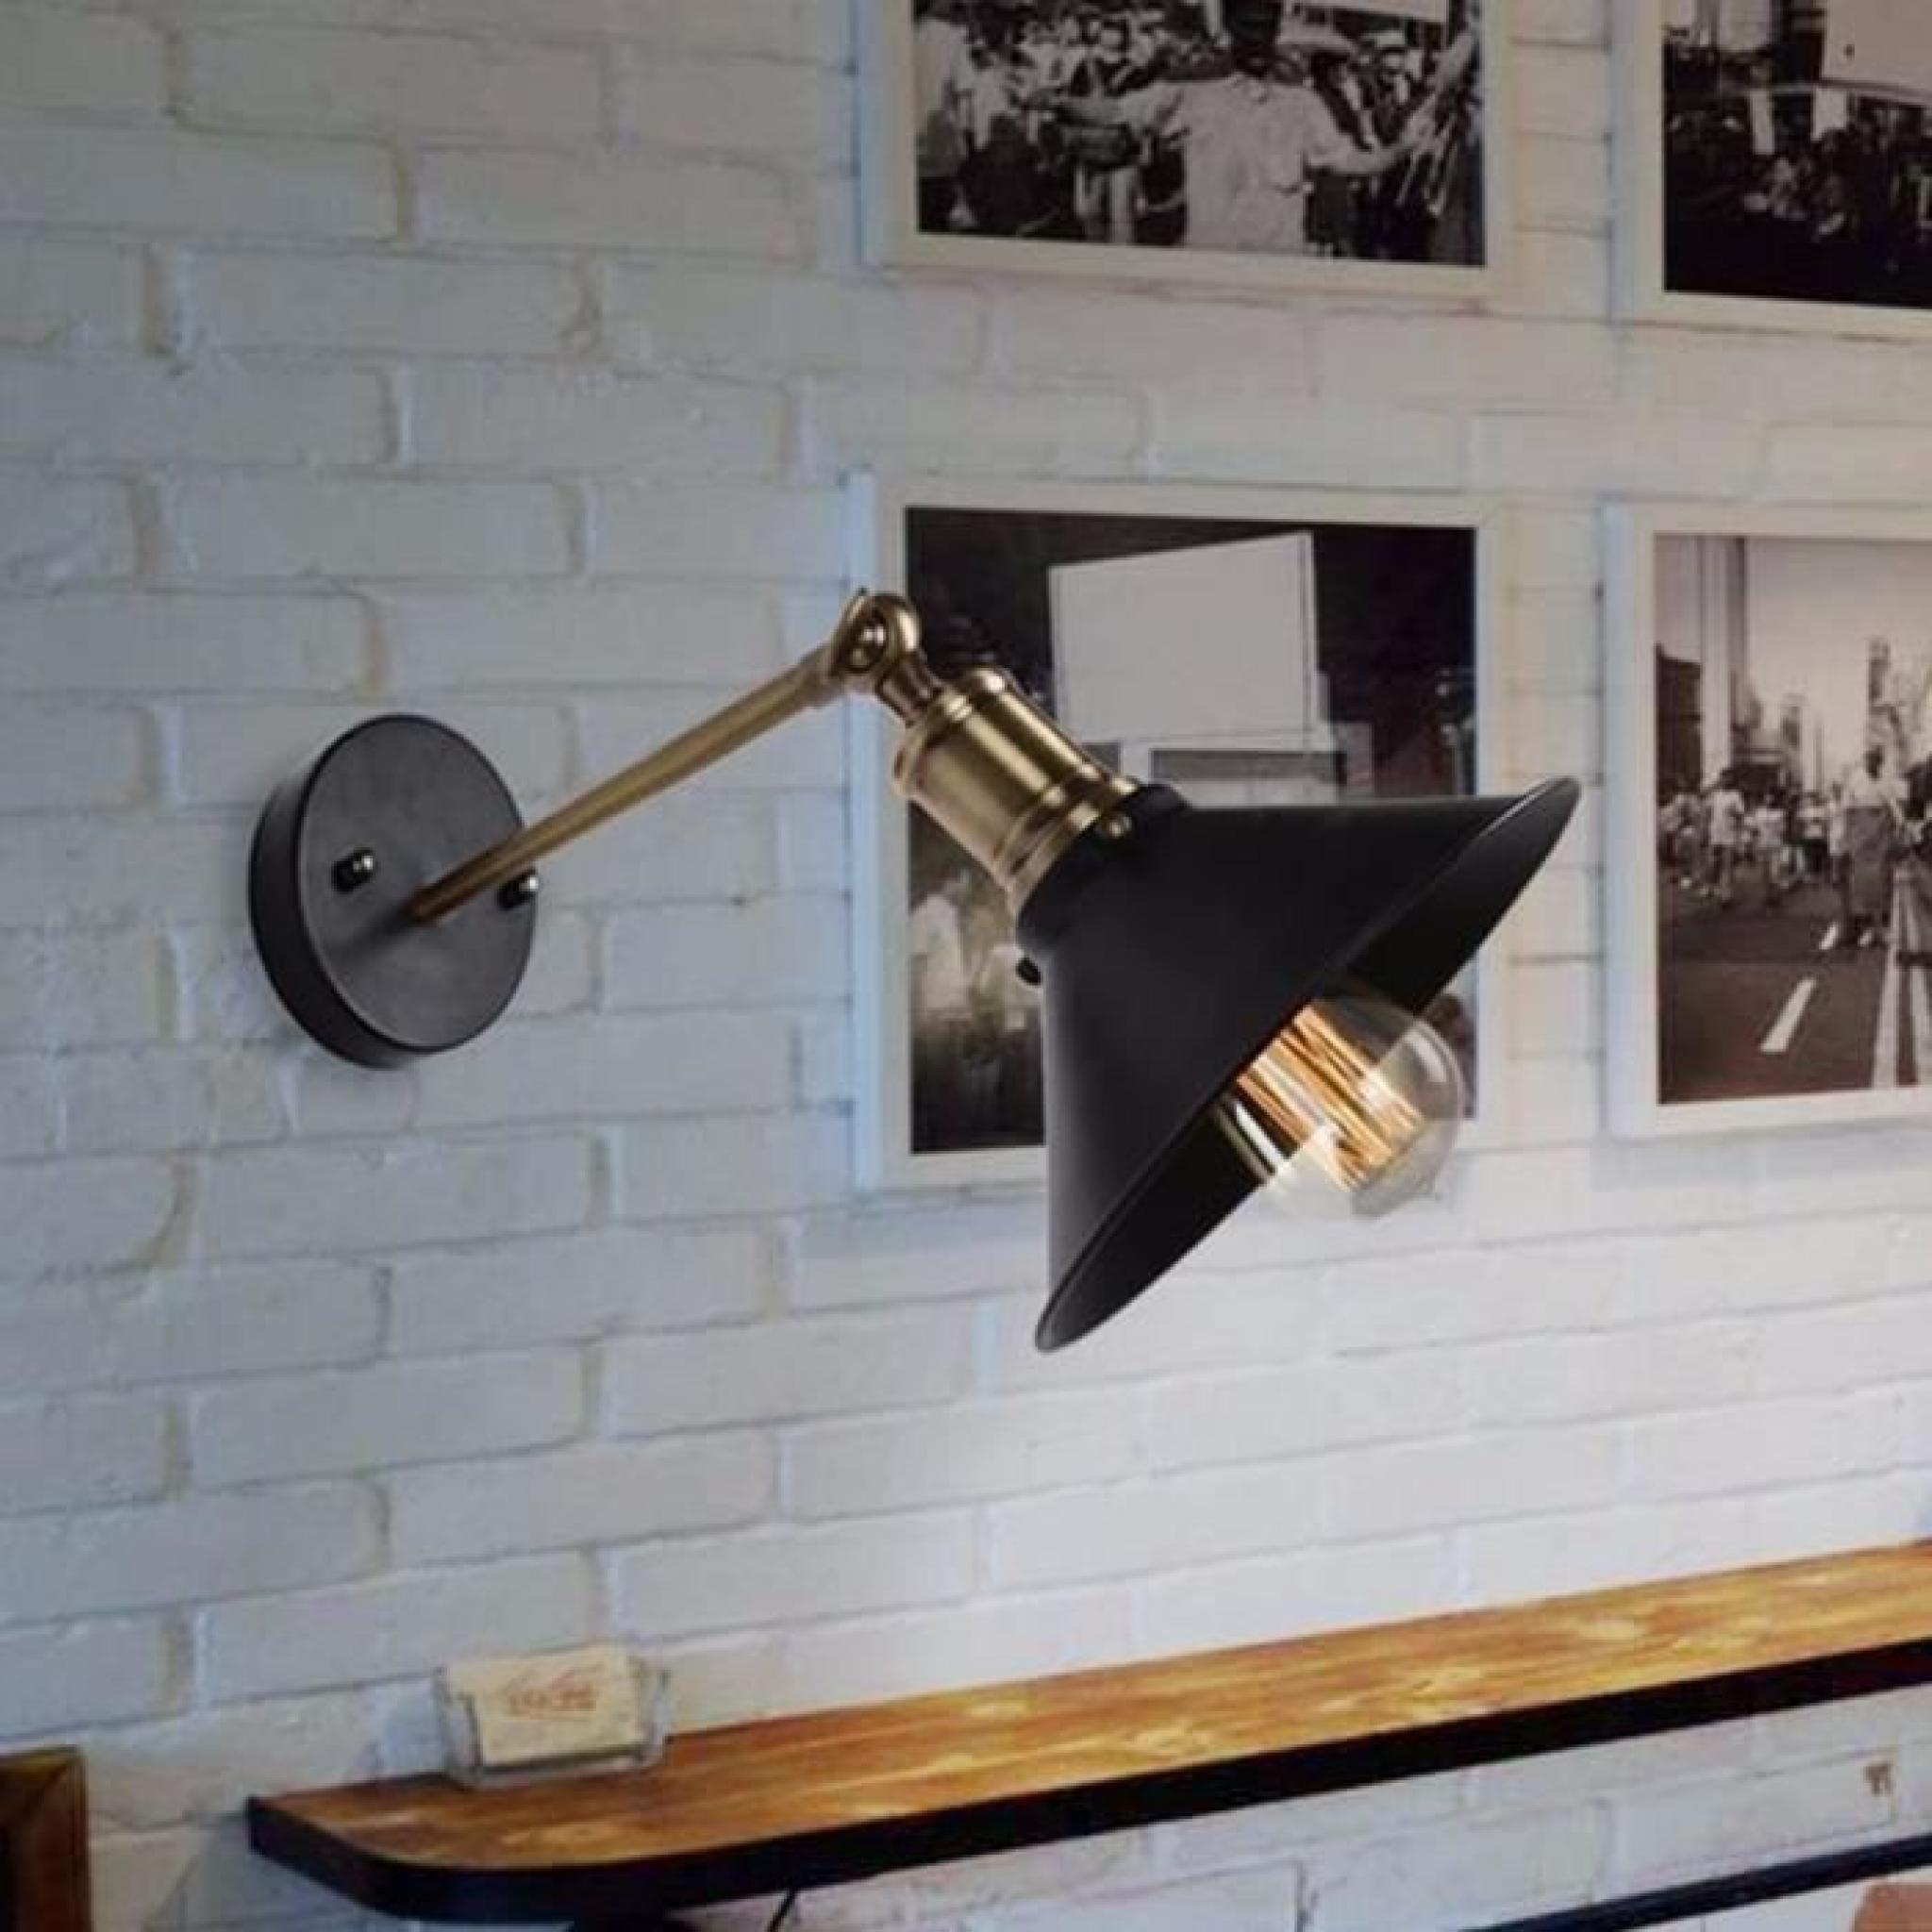 lampe vintage black metal umbrella loft mur lumina 2 Résultat Supérieur 15 Merveilleux Applique Murale Retro Salle De Bain Galerie 2017 Jdt4